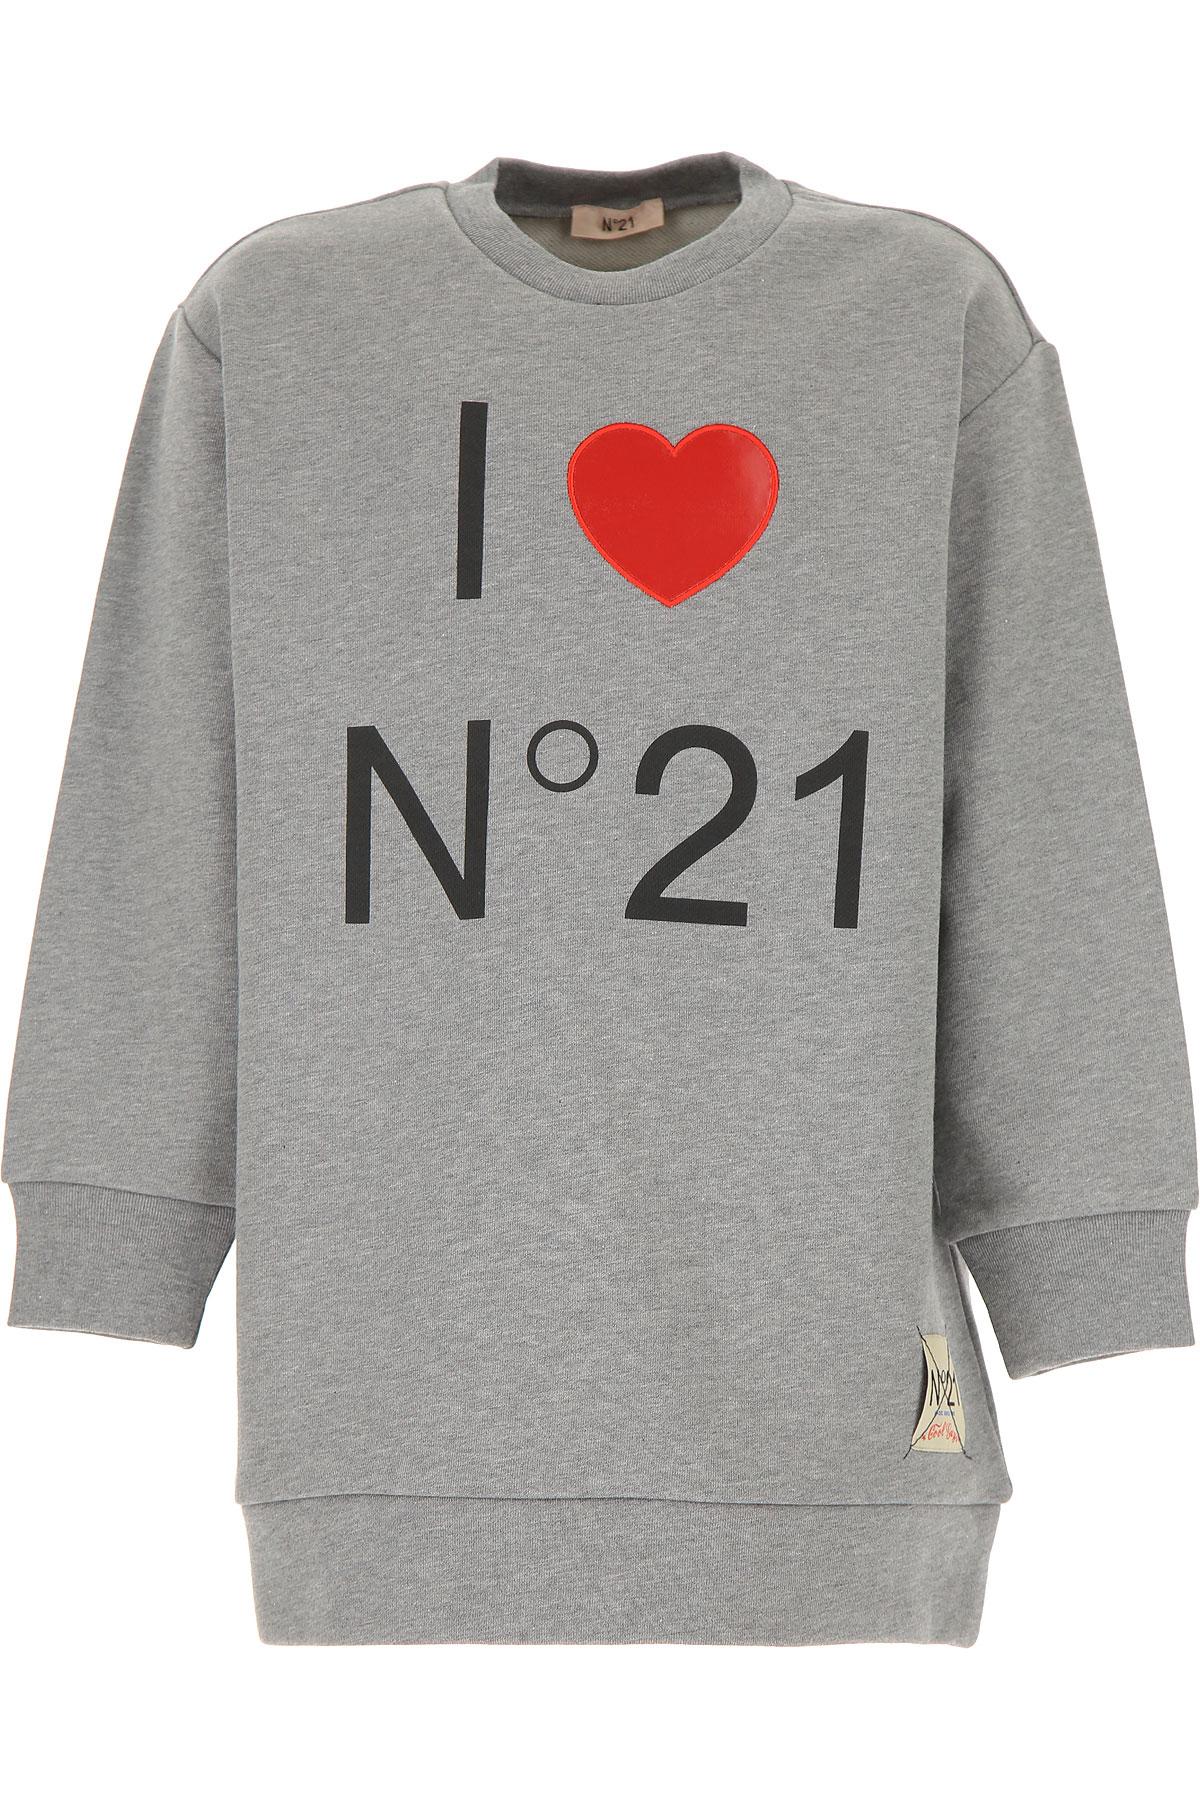 NO 21 Kids Sweatshirts & Hoodies for Girls On Sale, Grey, Cotton, 2019, 10Y 12Y 14Y 4Y 6Y 8Y